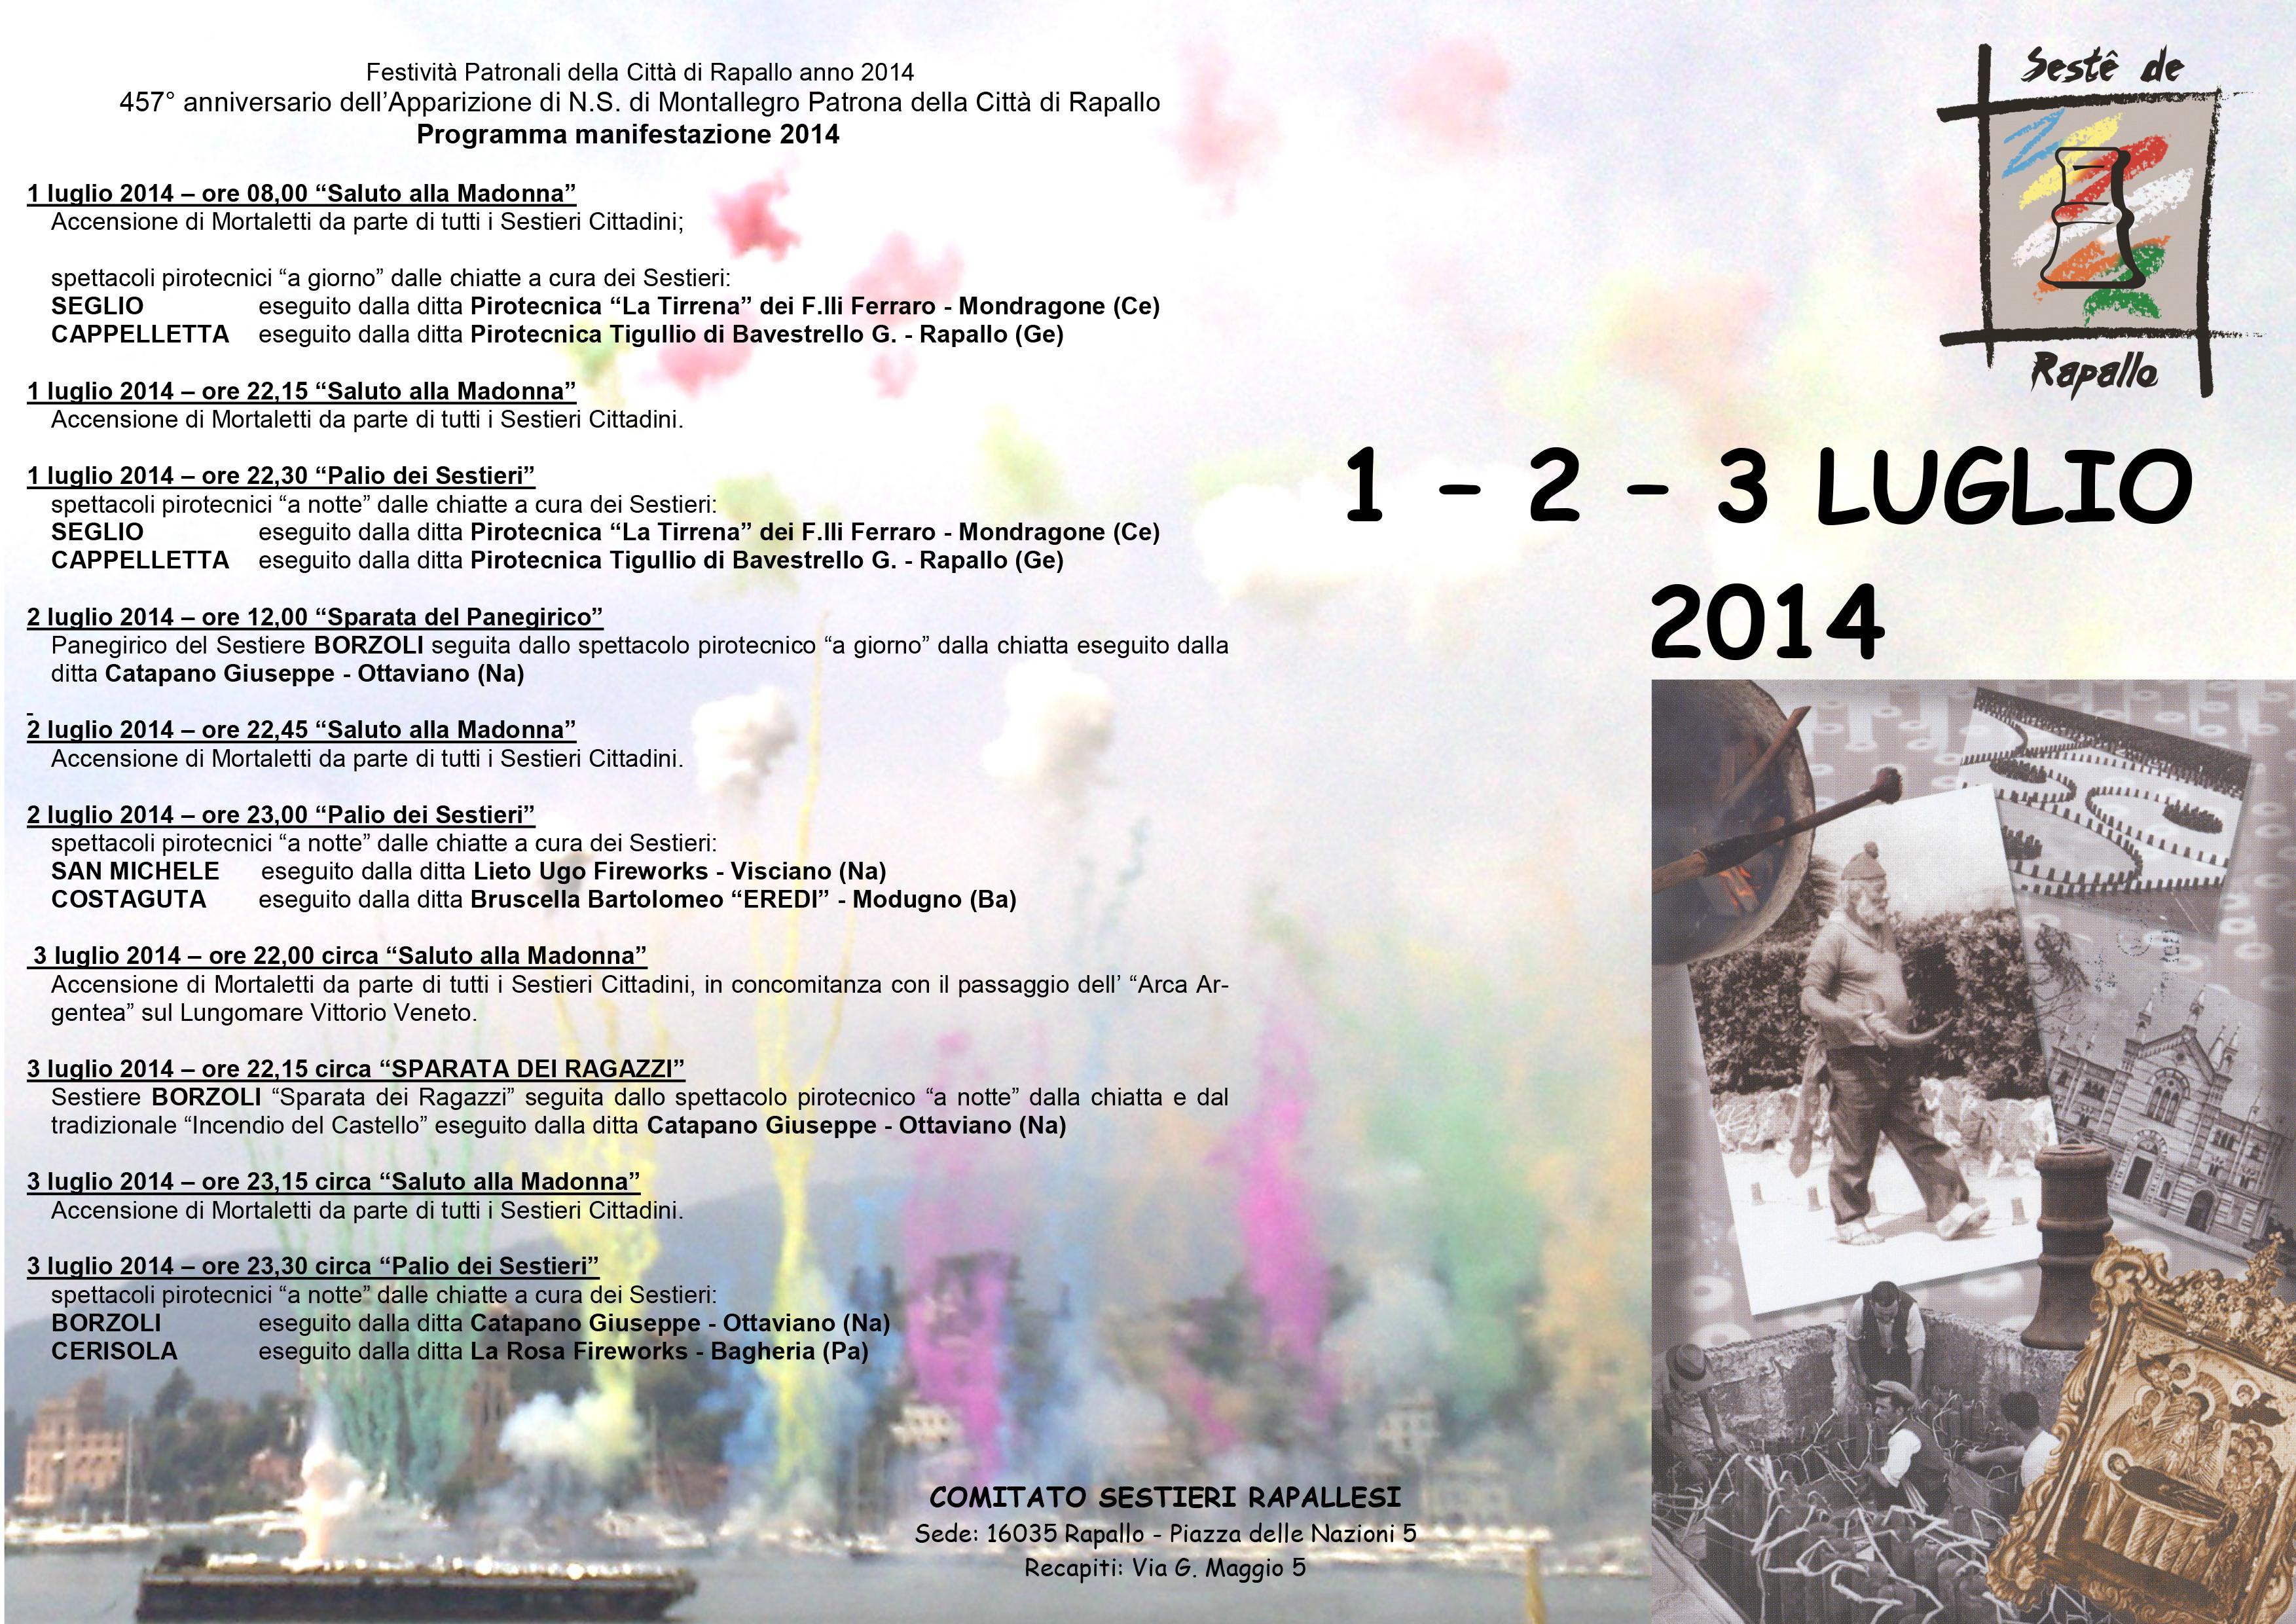 feste di luglio 1-2-3 Rapallo (Ge) - Pagina 6 Programma-2014